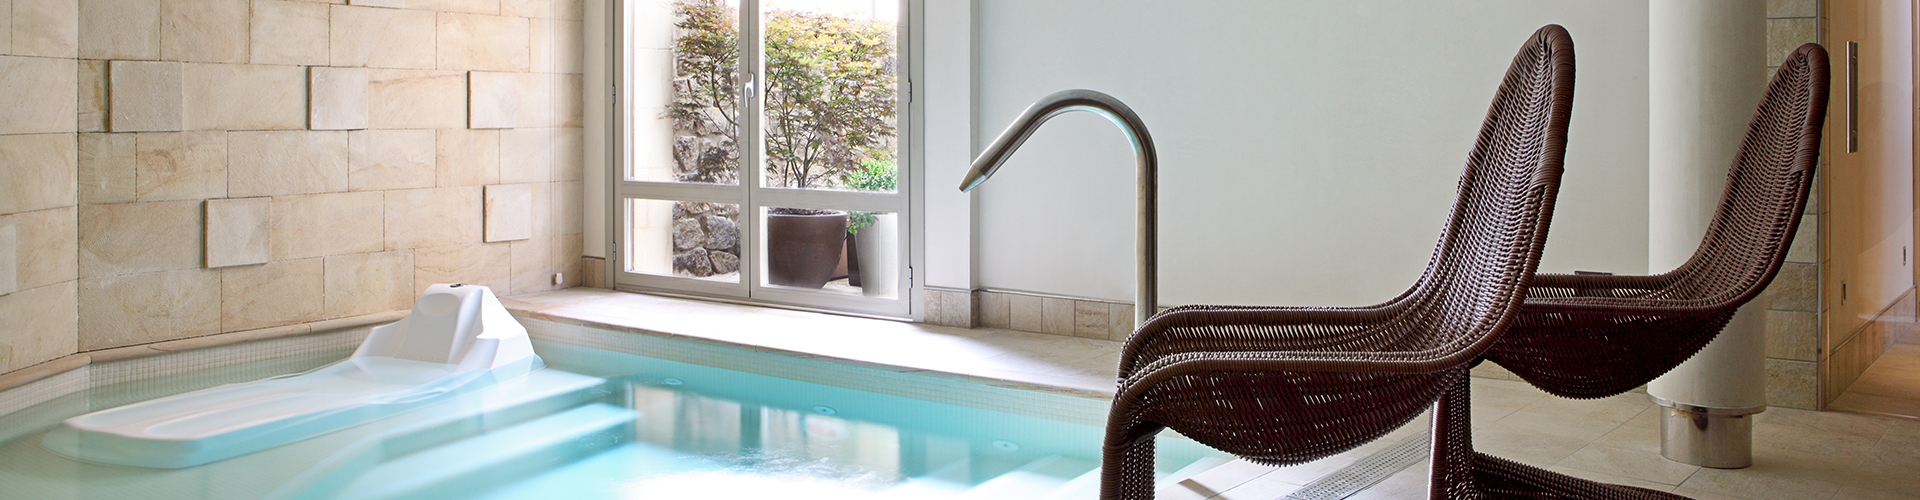 apartamentos-artesa-spa-1-recorte-1920x500_c